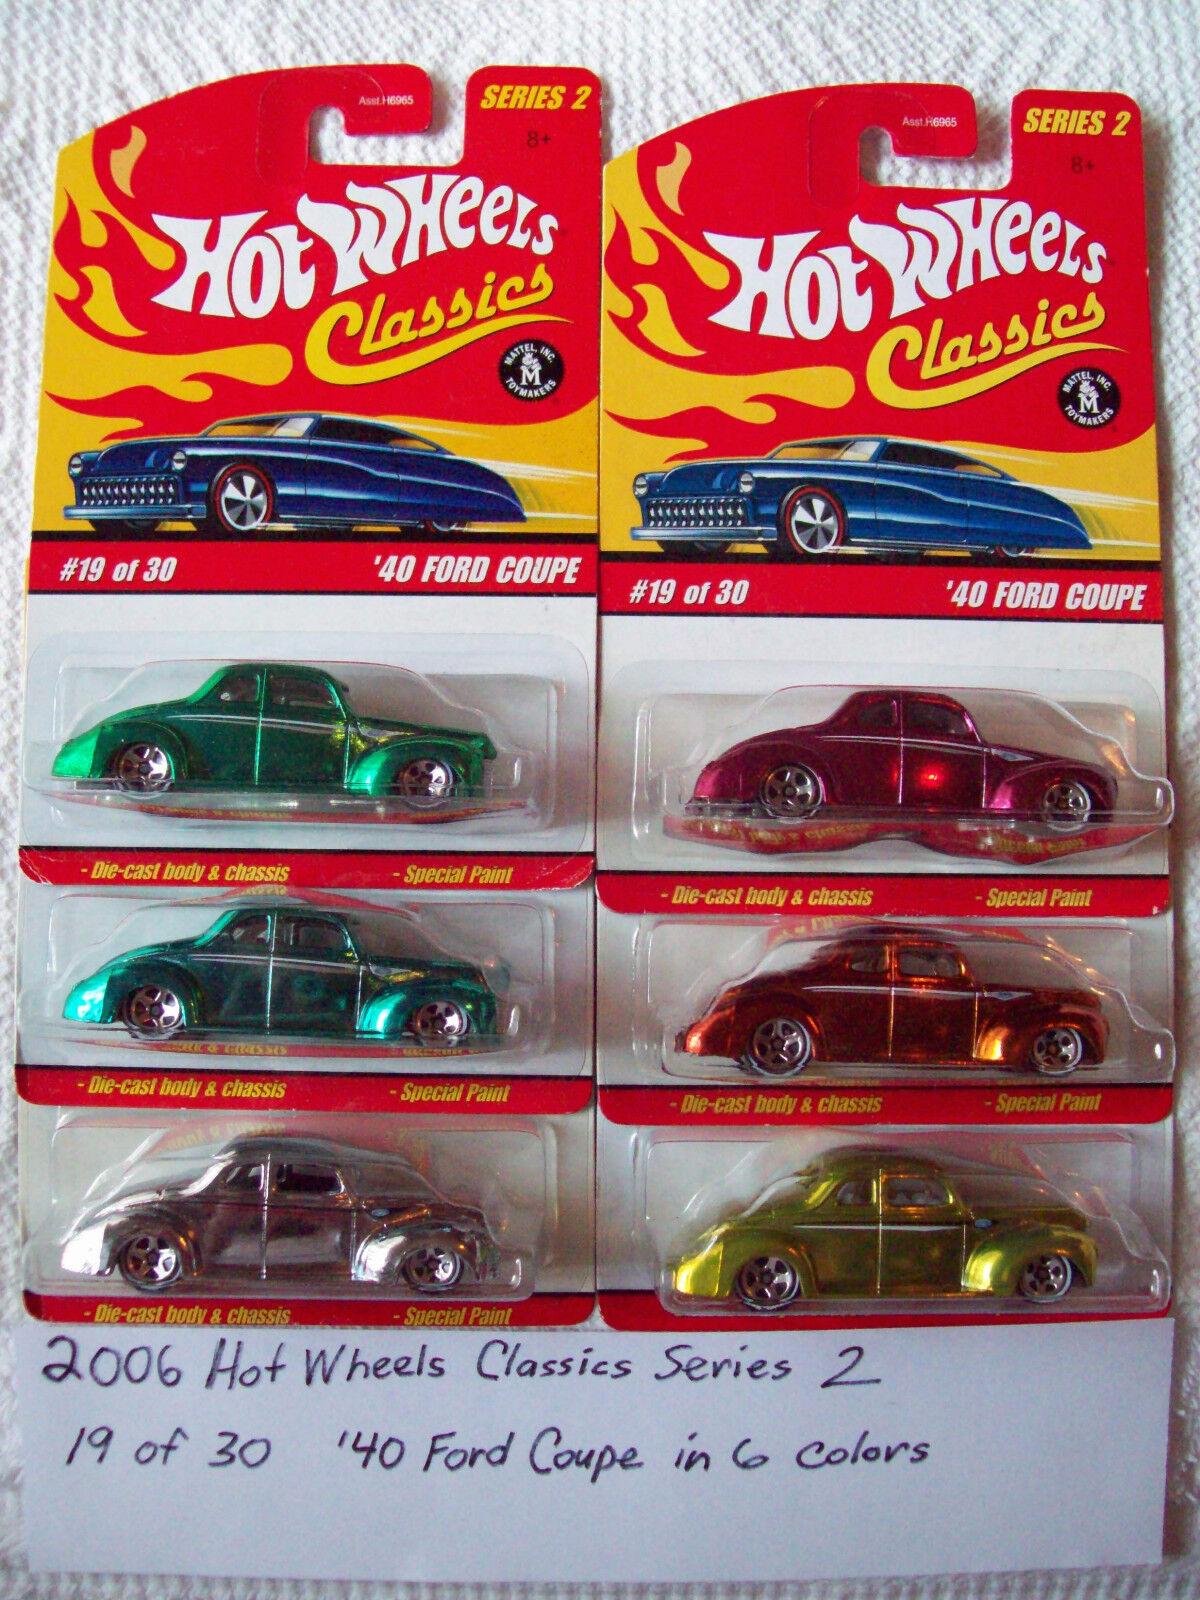 2006 hot wheels - klassiker - reihe 2 40 ford coupé autos in allen sechs verfügbaren farben